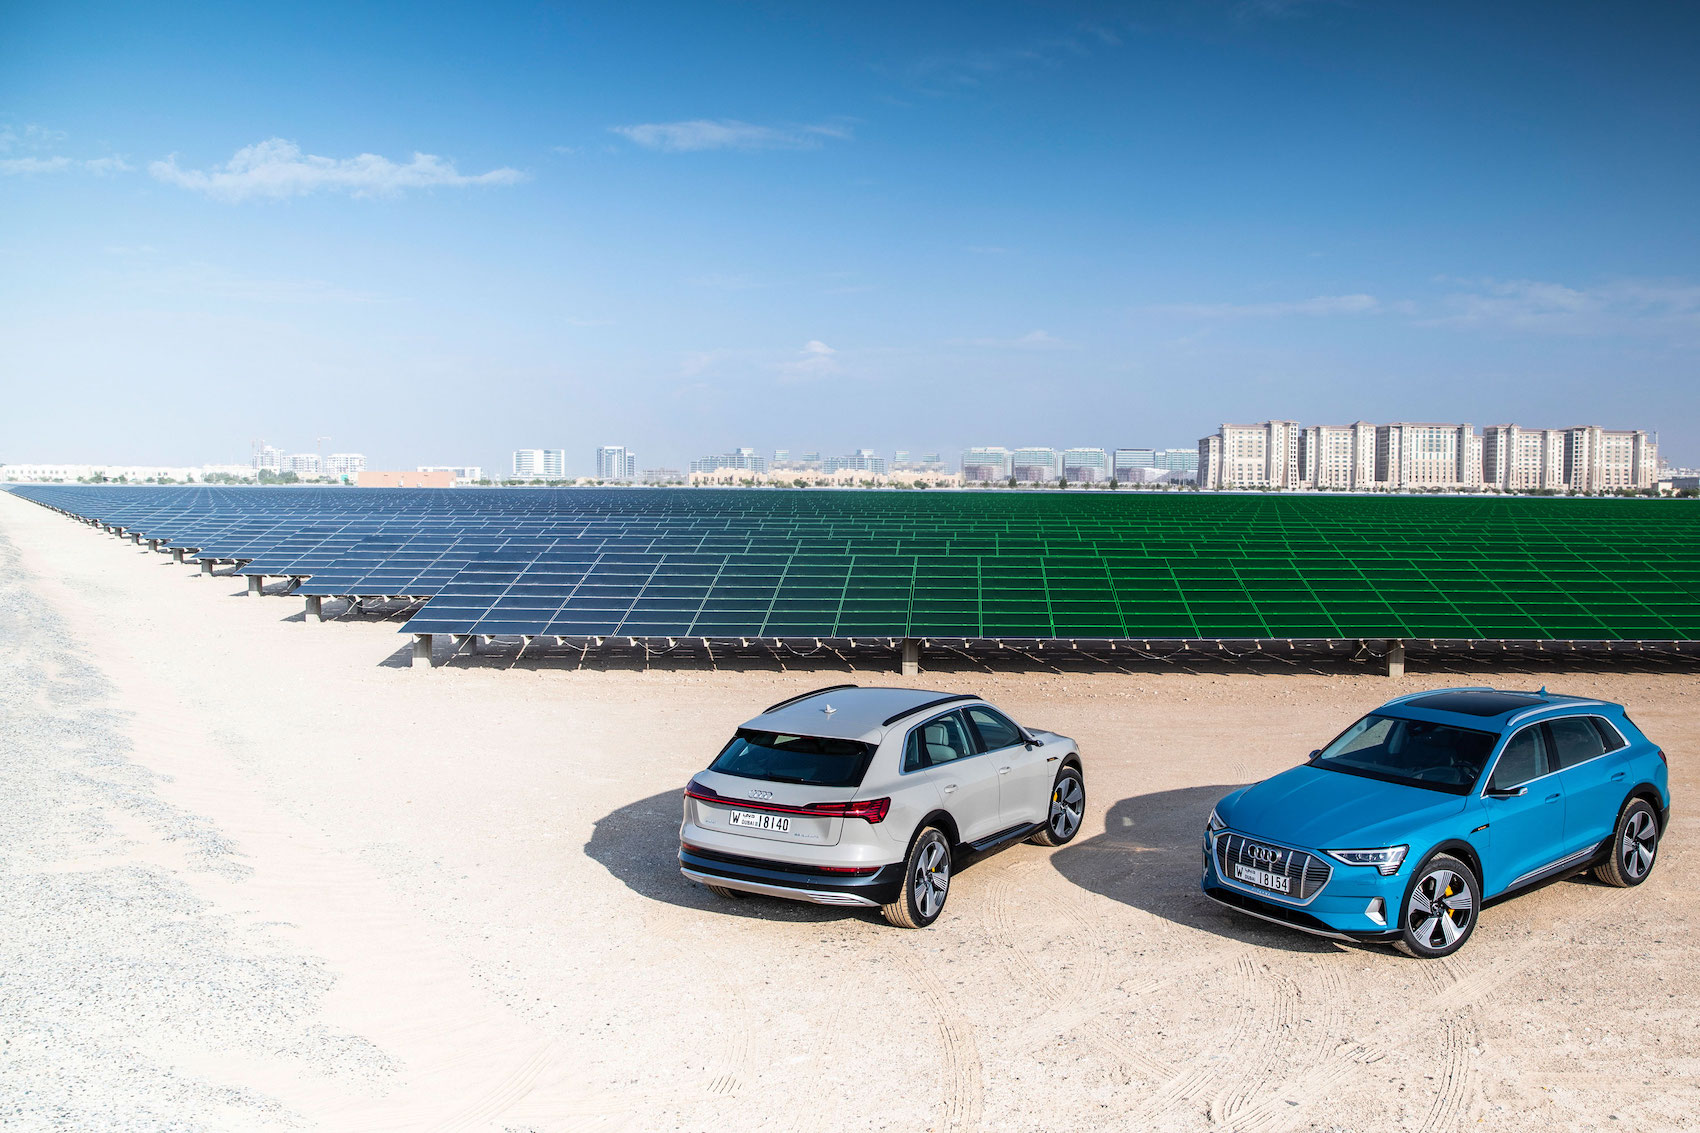 """""""Paradossalmente, sarebbe meglio guidare un'auto a benzina che scegliere una vettura elettrica alimentata da energia inquinante"""". Il maggiore impianto fotovoltaico del Vicino Oriente si trova a Masdar City, ad Abu Dhabi. (AUDI/Post-produzione: Brand Studio)"""